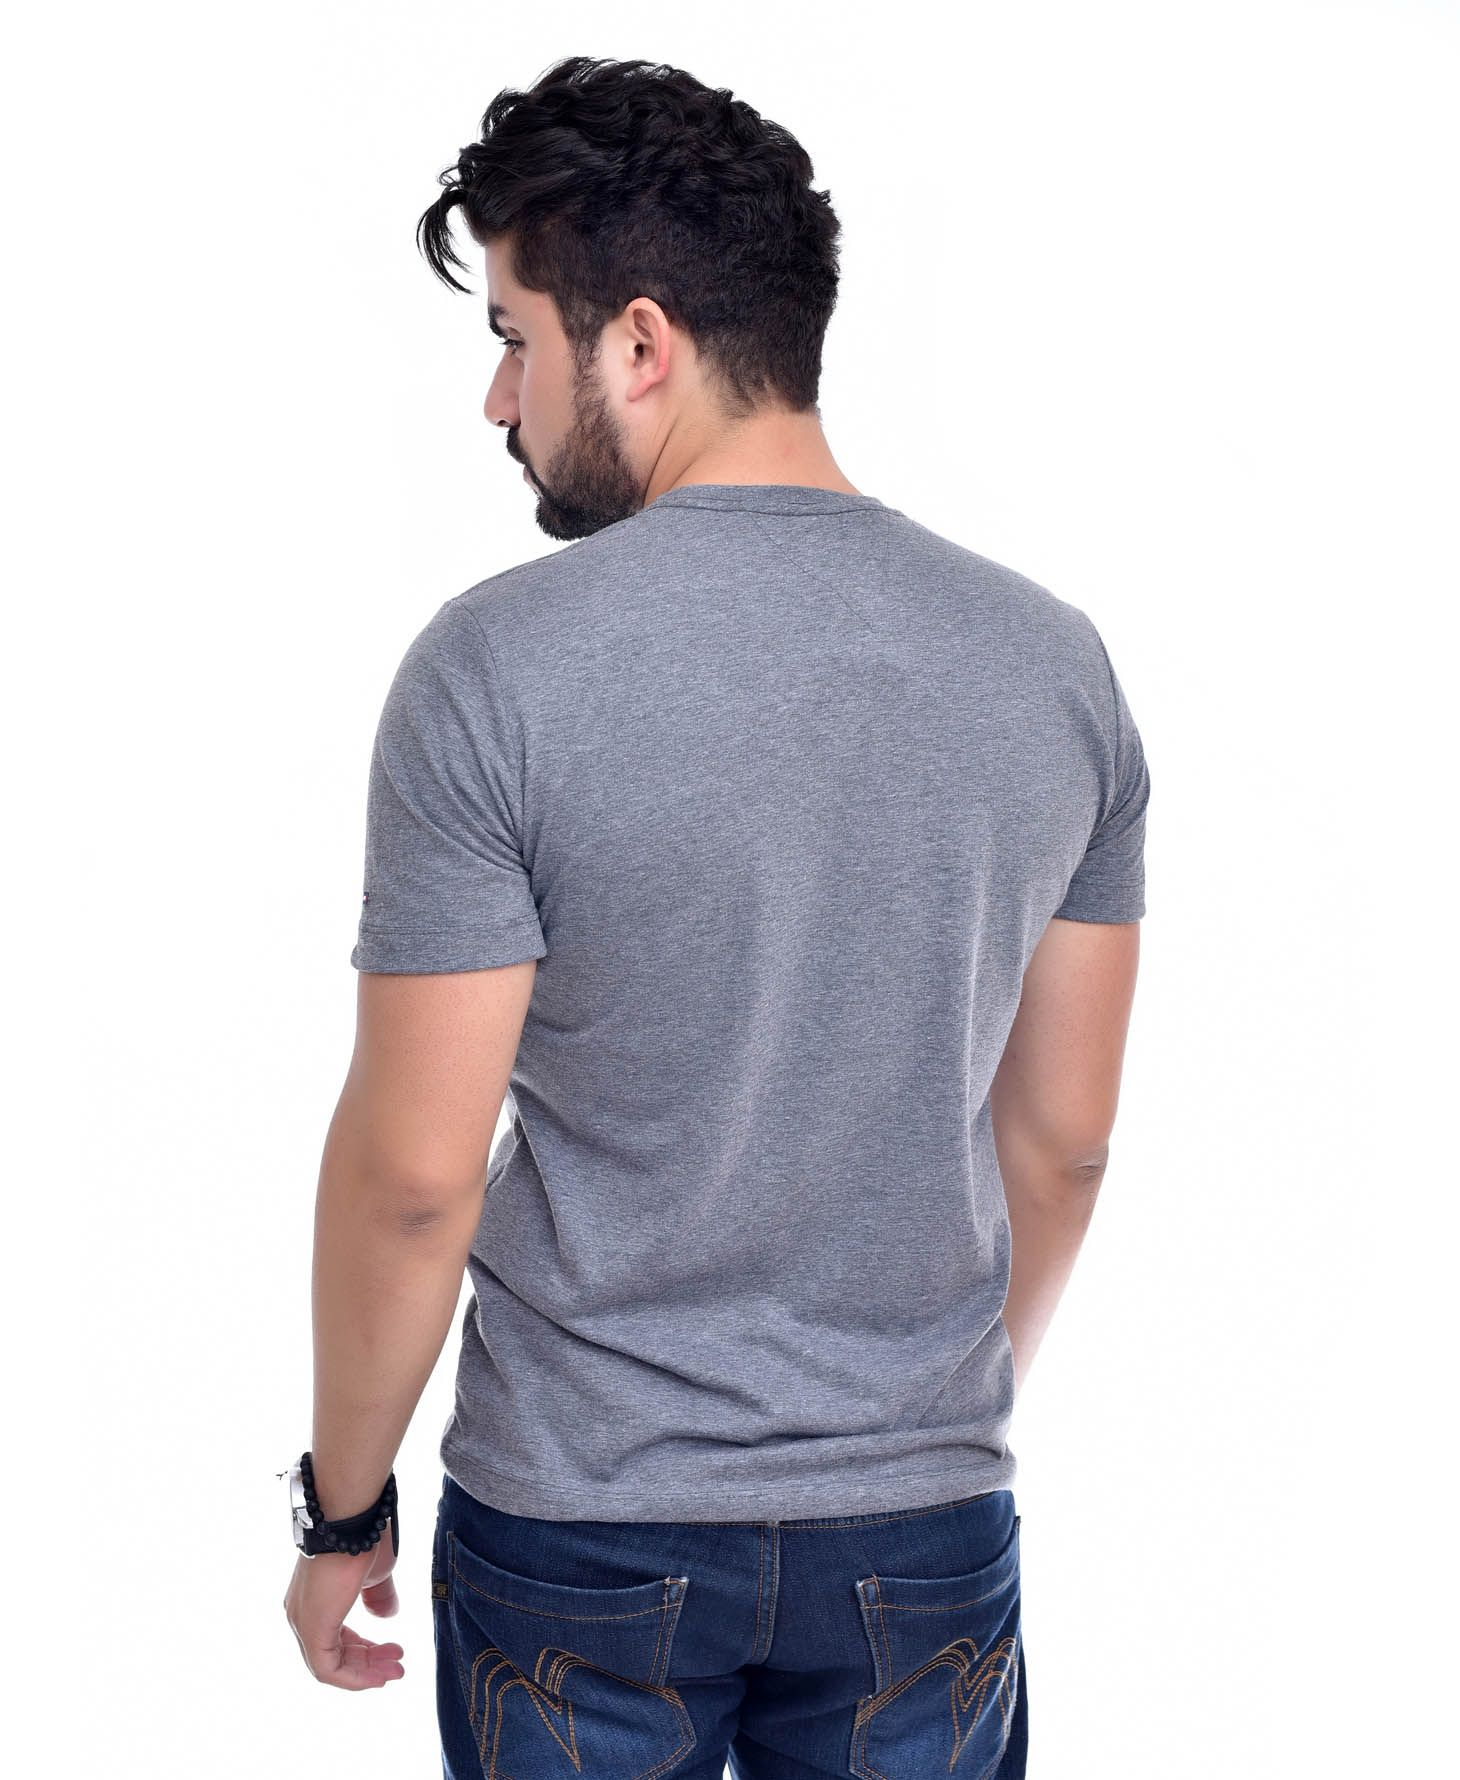 Camiseta Bolso TH Mescla Escuro / ME  - Ca Brasileira